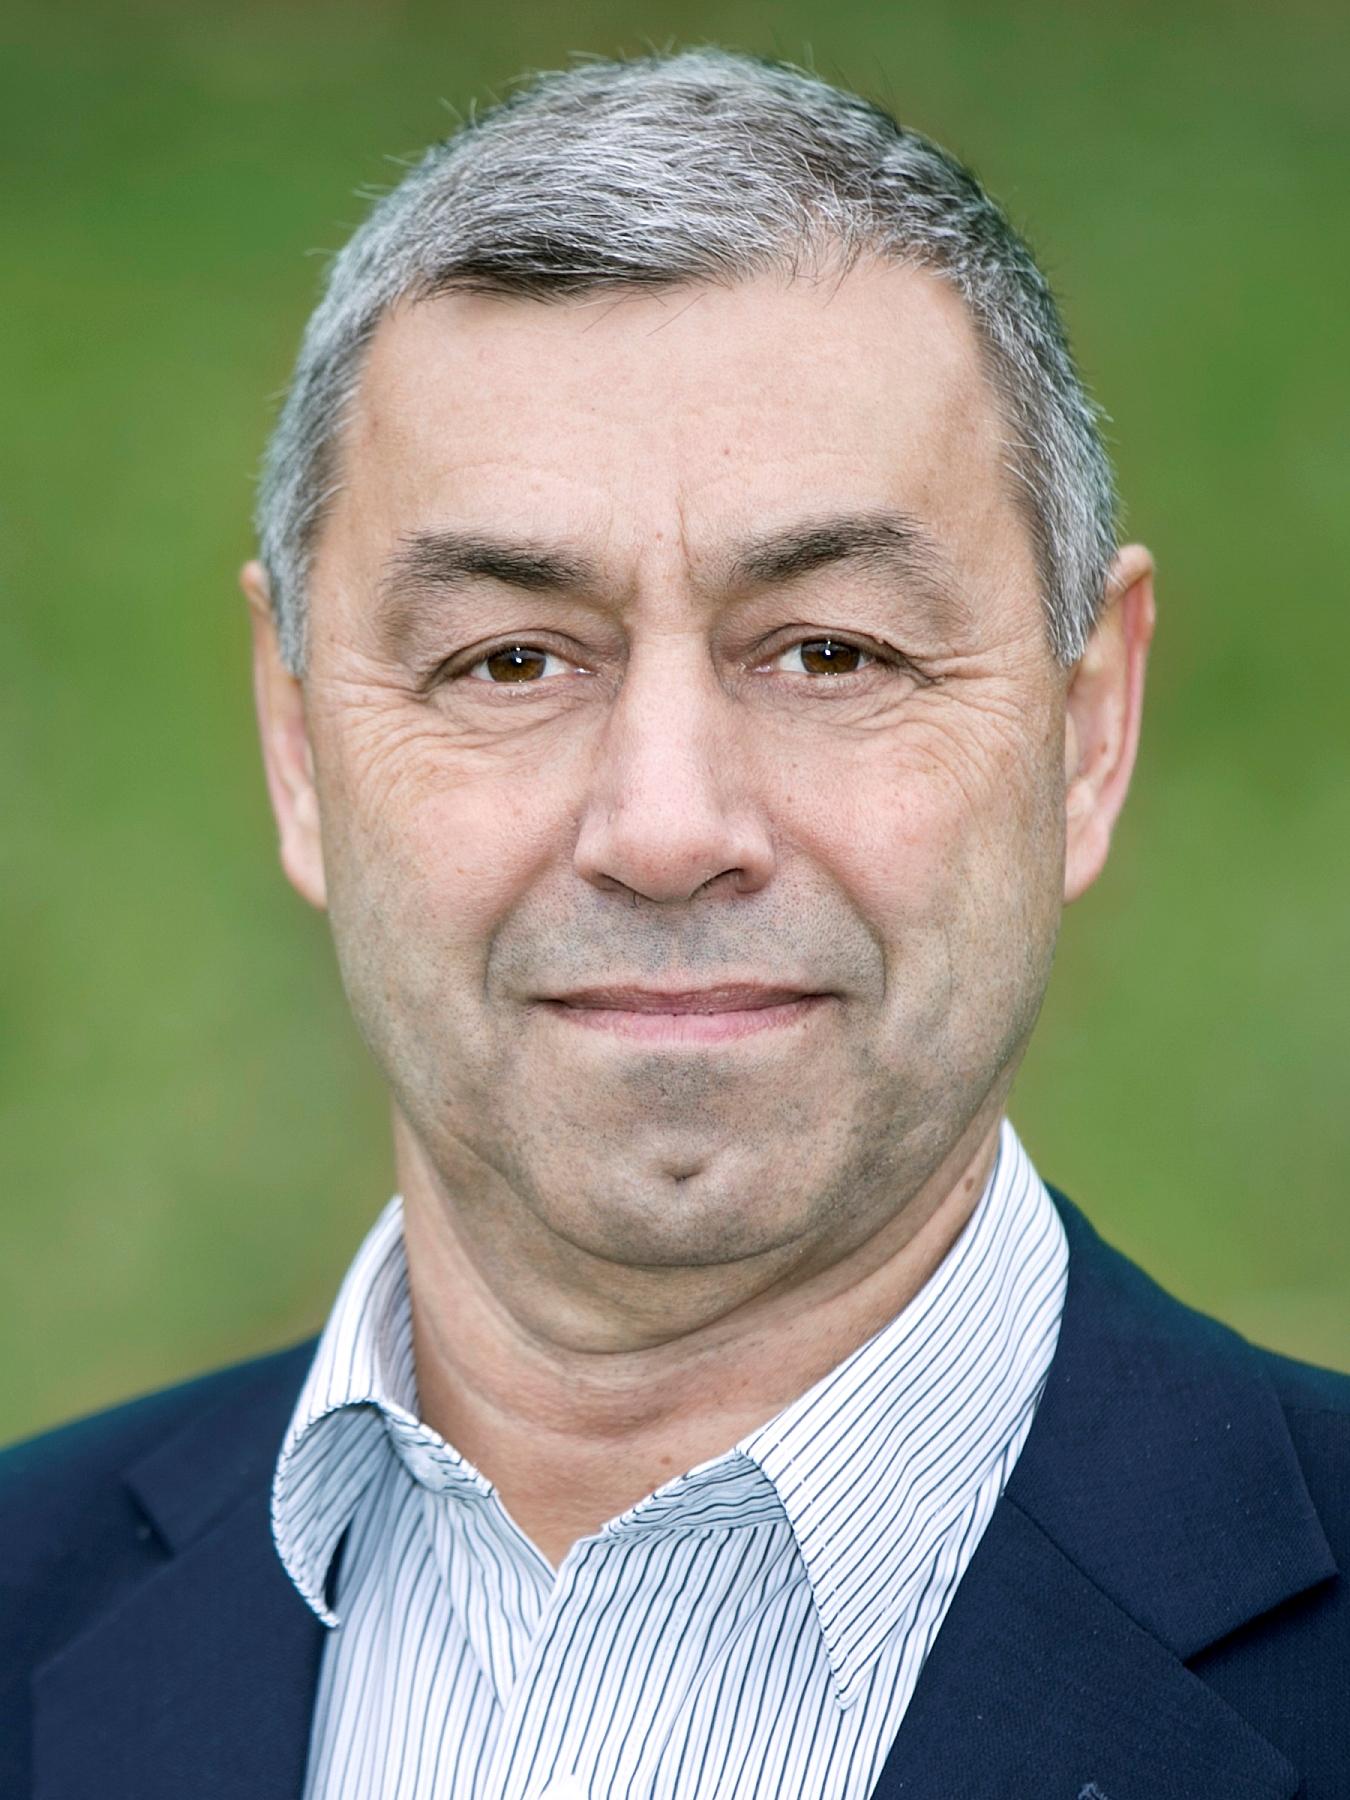 Stem på Rasmus Clausen kandidat til regionsrådsvalget